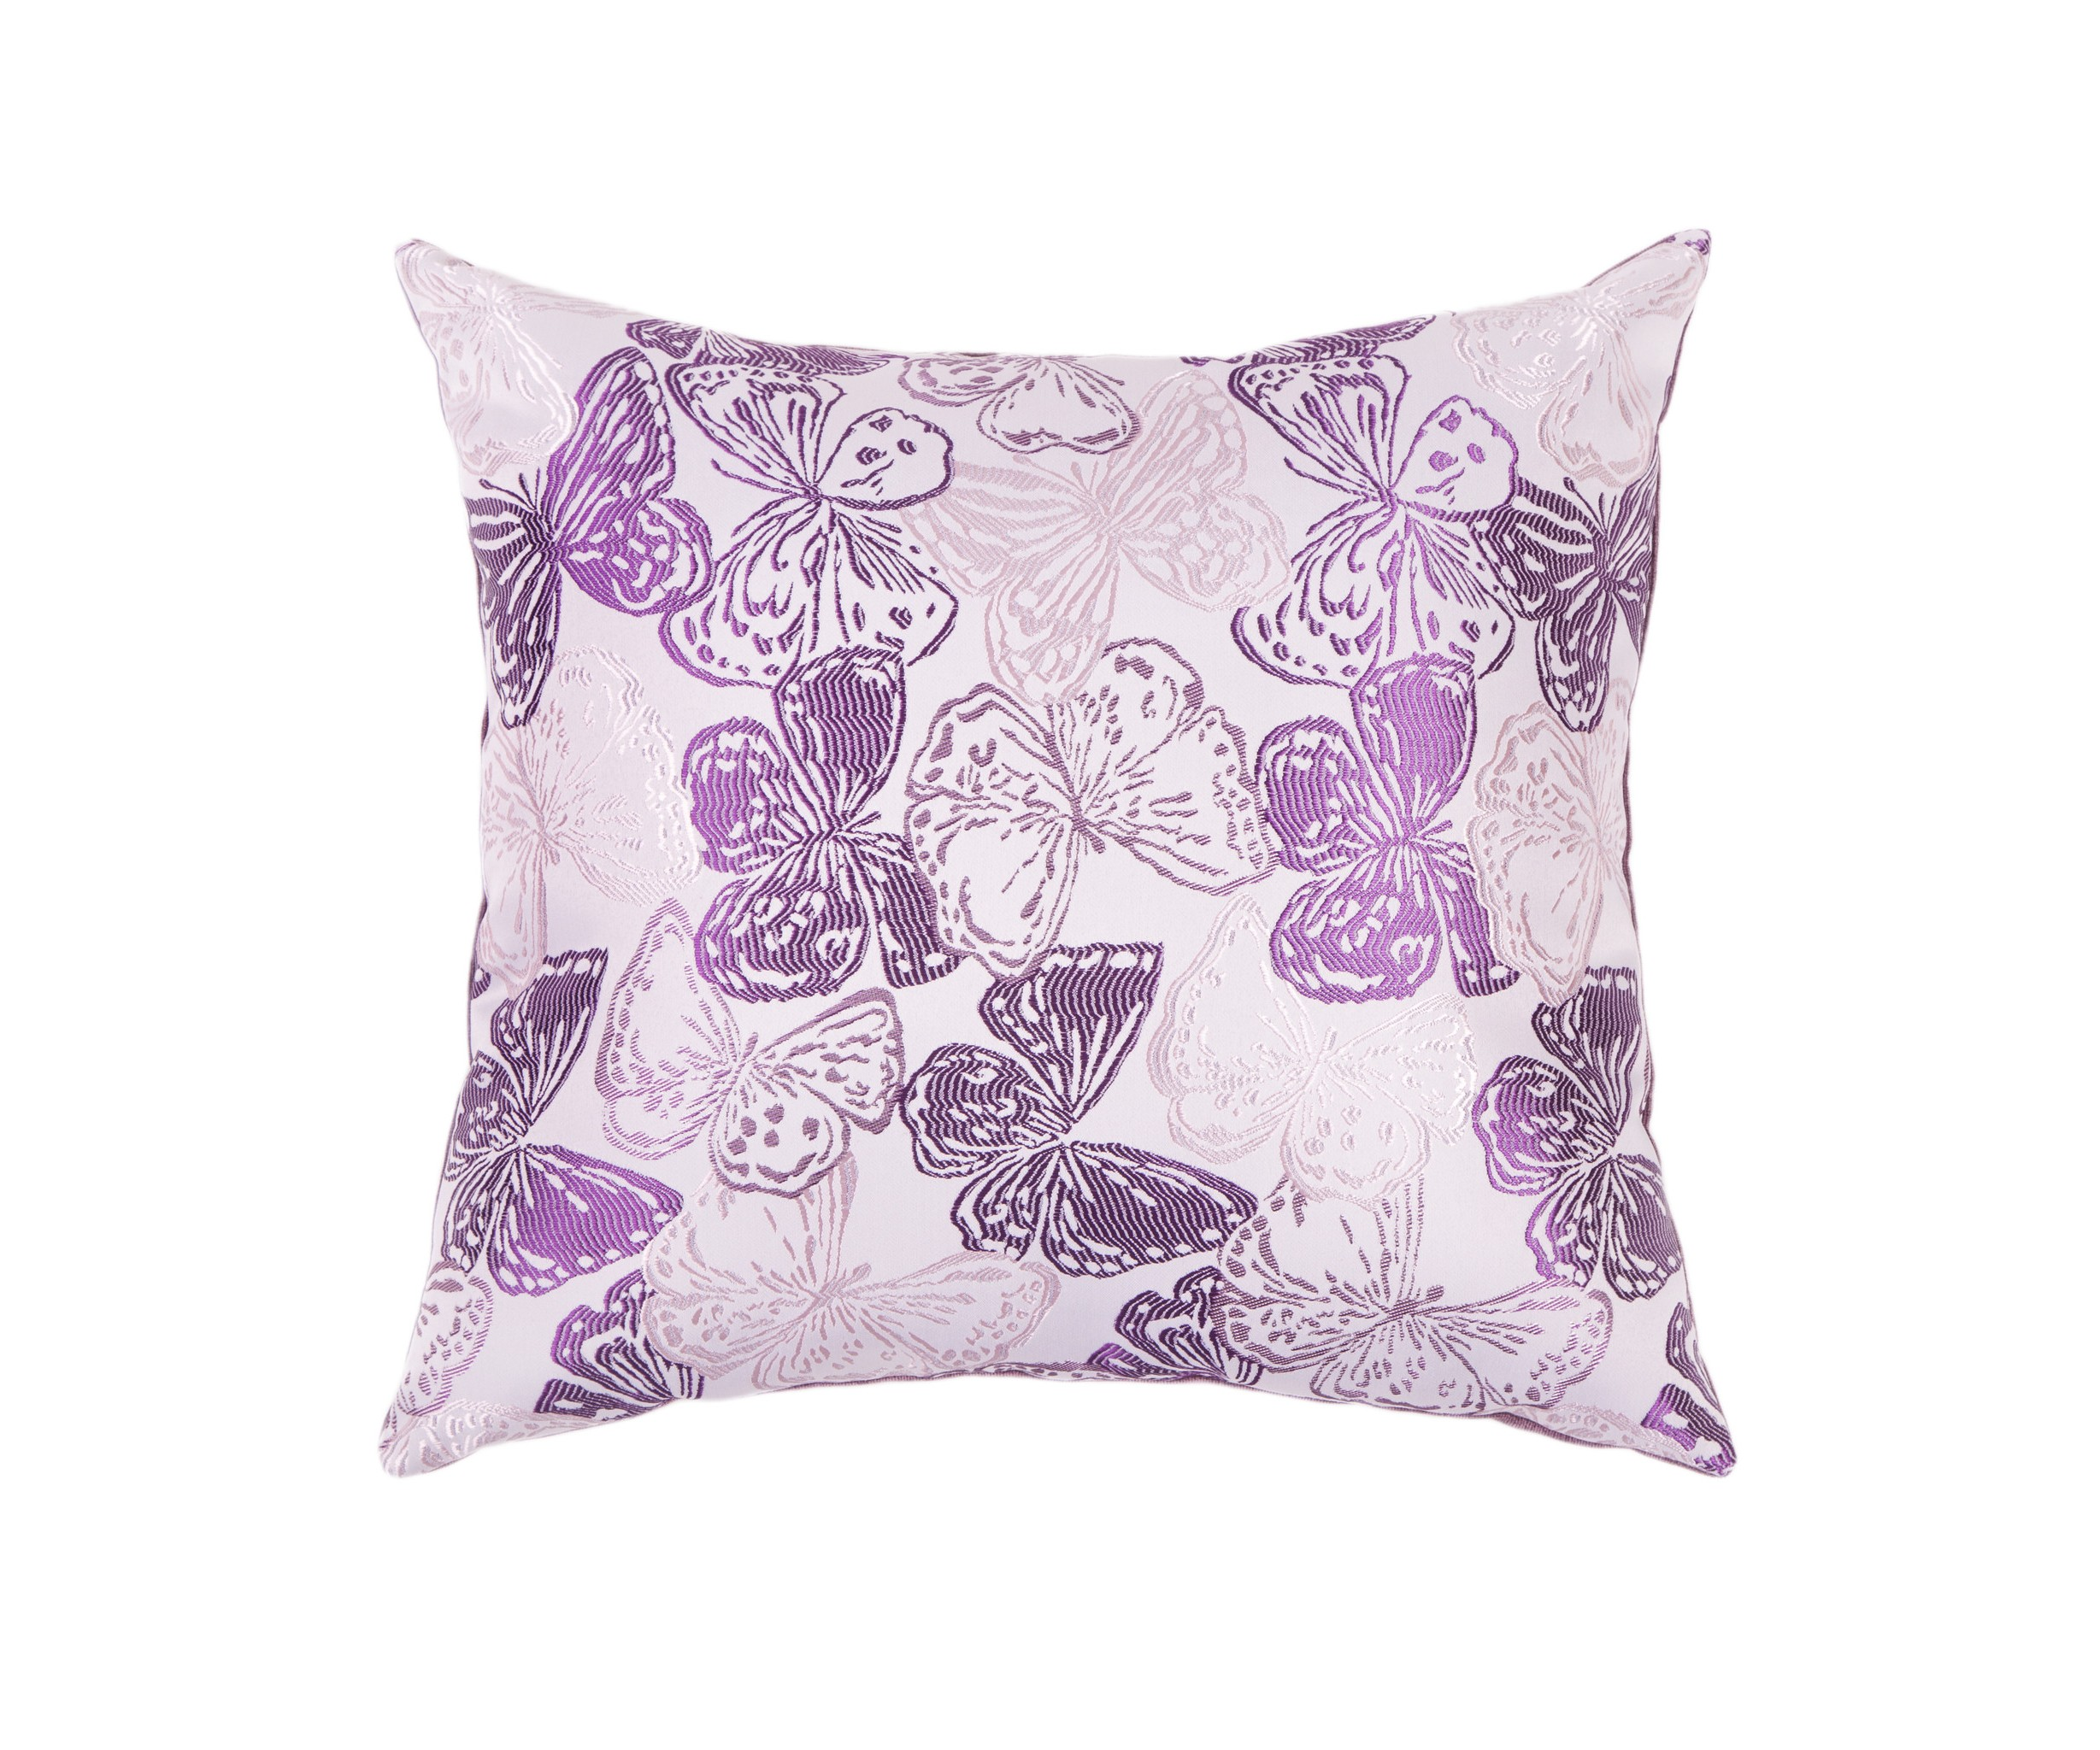 Подушка Фиалковые бабочкиКвадратные подушки и наволочки<br>Двусторонняя декоративная подушка &amp;quot;Фиалковые бабочки &amp;quot; станет ярким акцентом в вашем интерьере. На одной стороне принт с красочными бабочками сочно-фиолетовый и нежно-сиреневых тонов, на другой стороне - нежный велюр сделают пространство комнаты веселым и радостным.  Высококачественный материал приятен для кожи и безопасен даже для самой чувствительной кожи.  Оригинальный дизайнерский принт сделает пространство стильным и своеобразным.  Красивый рисунок на ткани станет ярким акцентом в вашем декоре.<br><br>Material: Текстиль<br>Length см: None<br>Width см: 55<br>Depth см: 10<br>Height см: 55